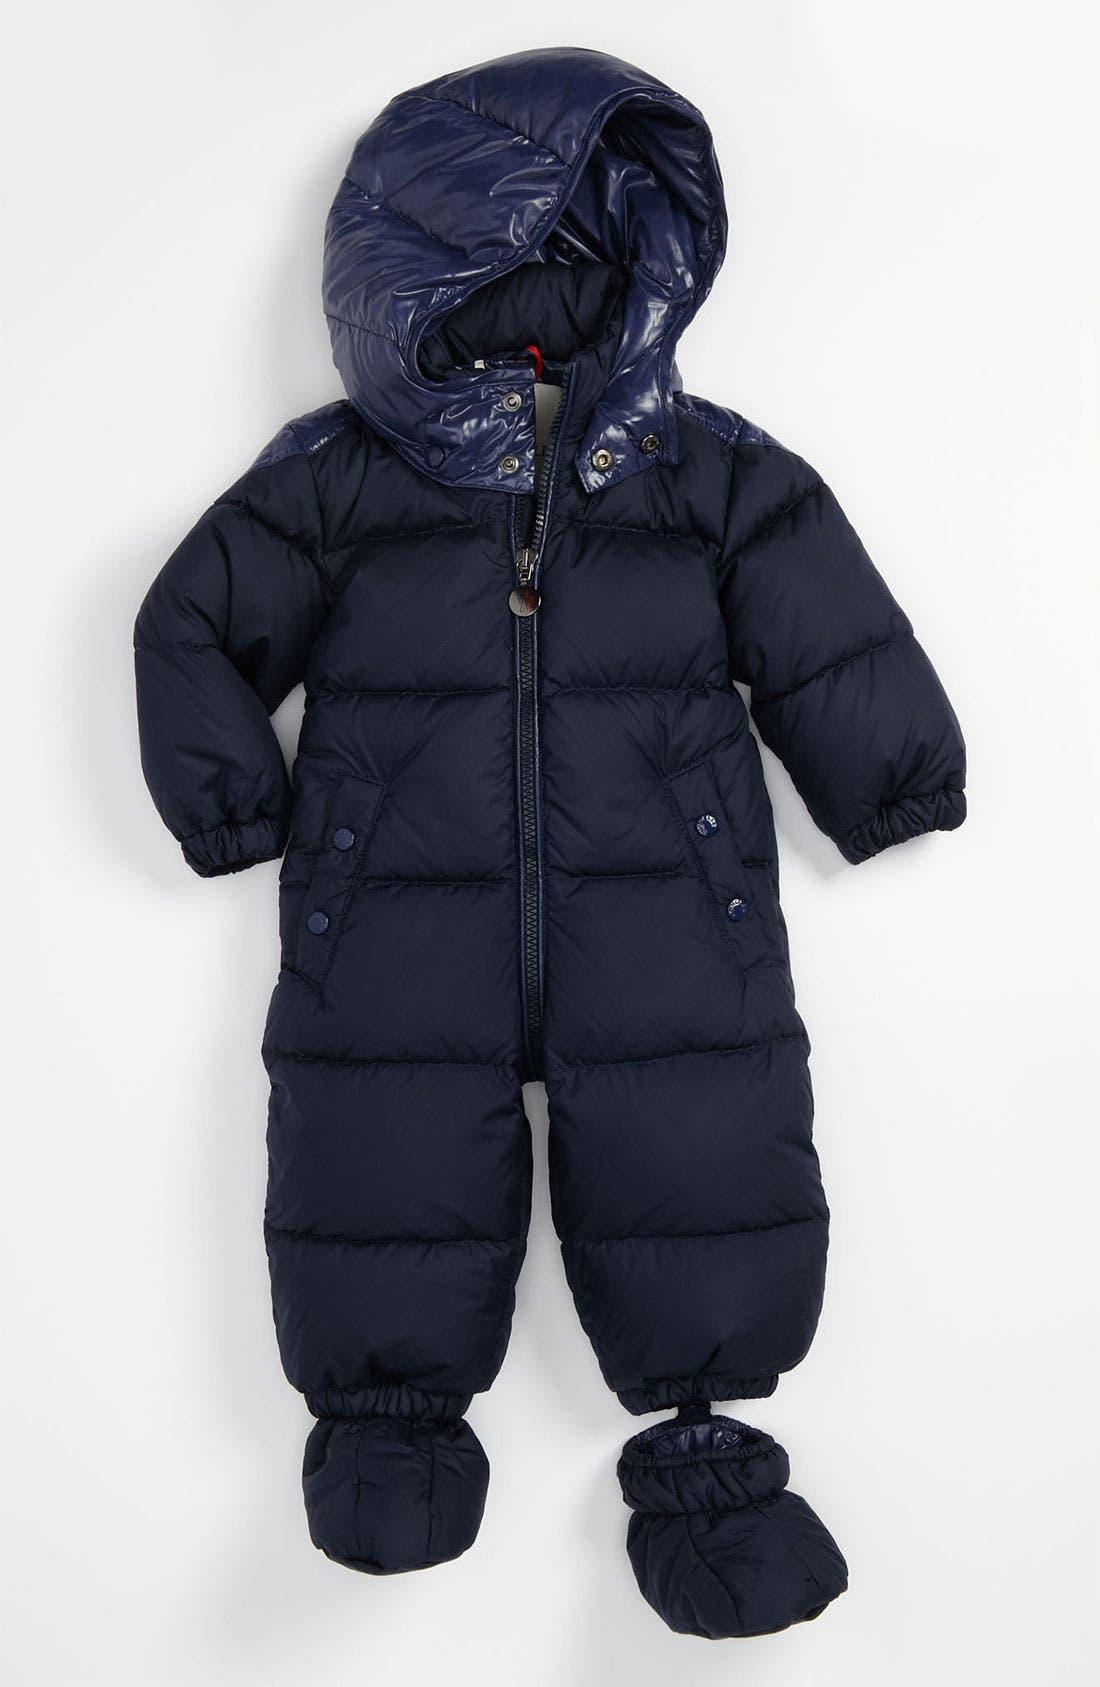 Main Image - Moncler 'Amandes' Puffer Snowsuit (Infant)